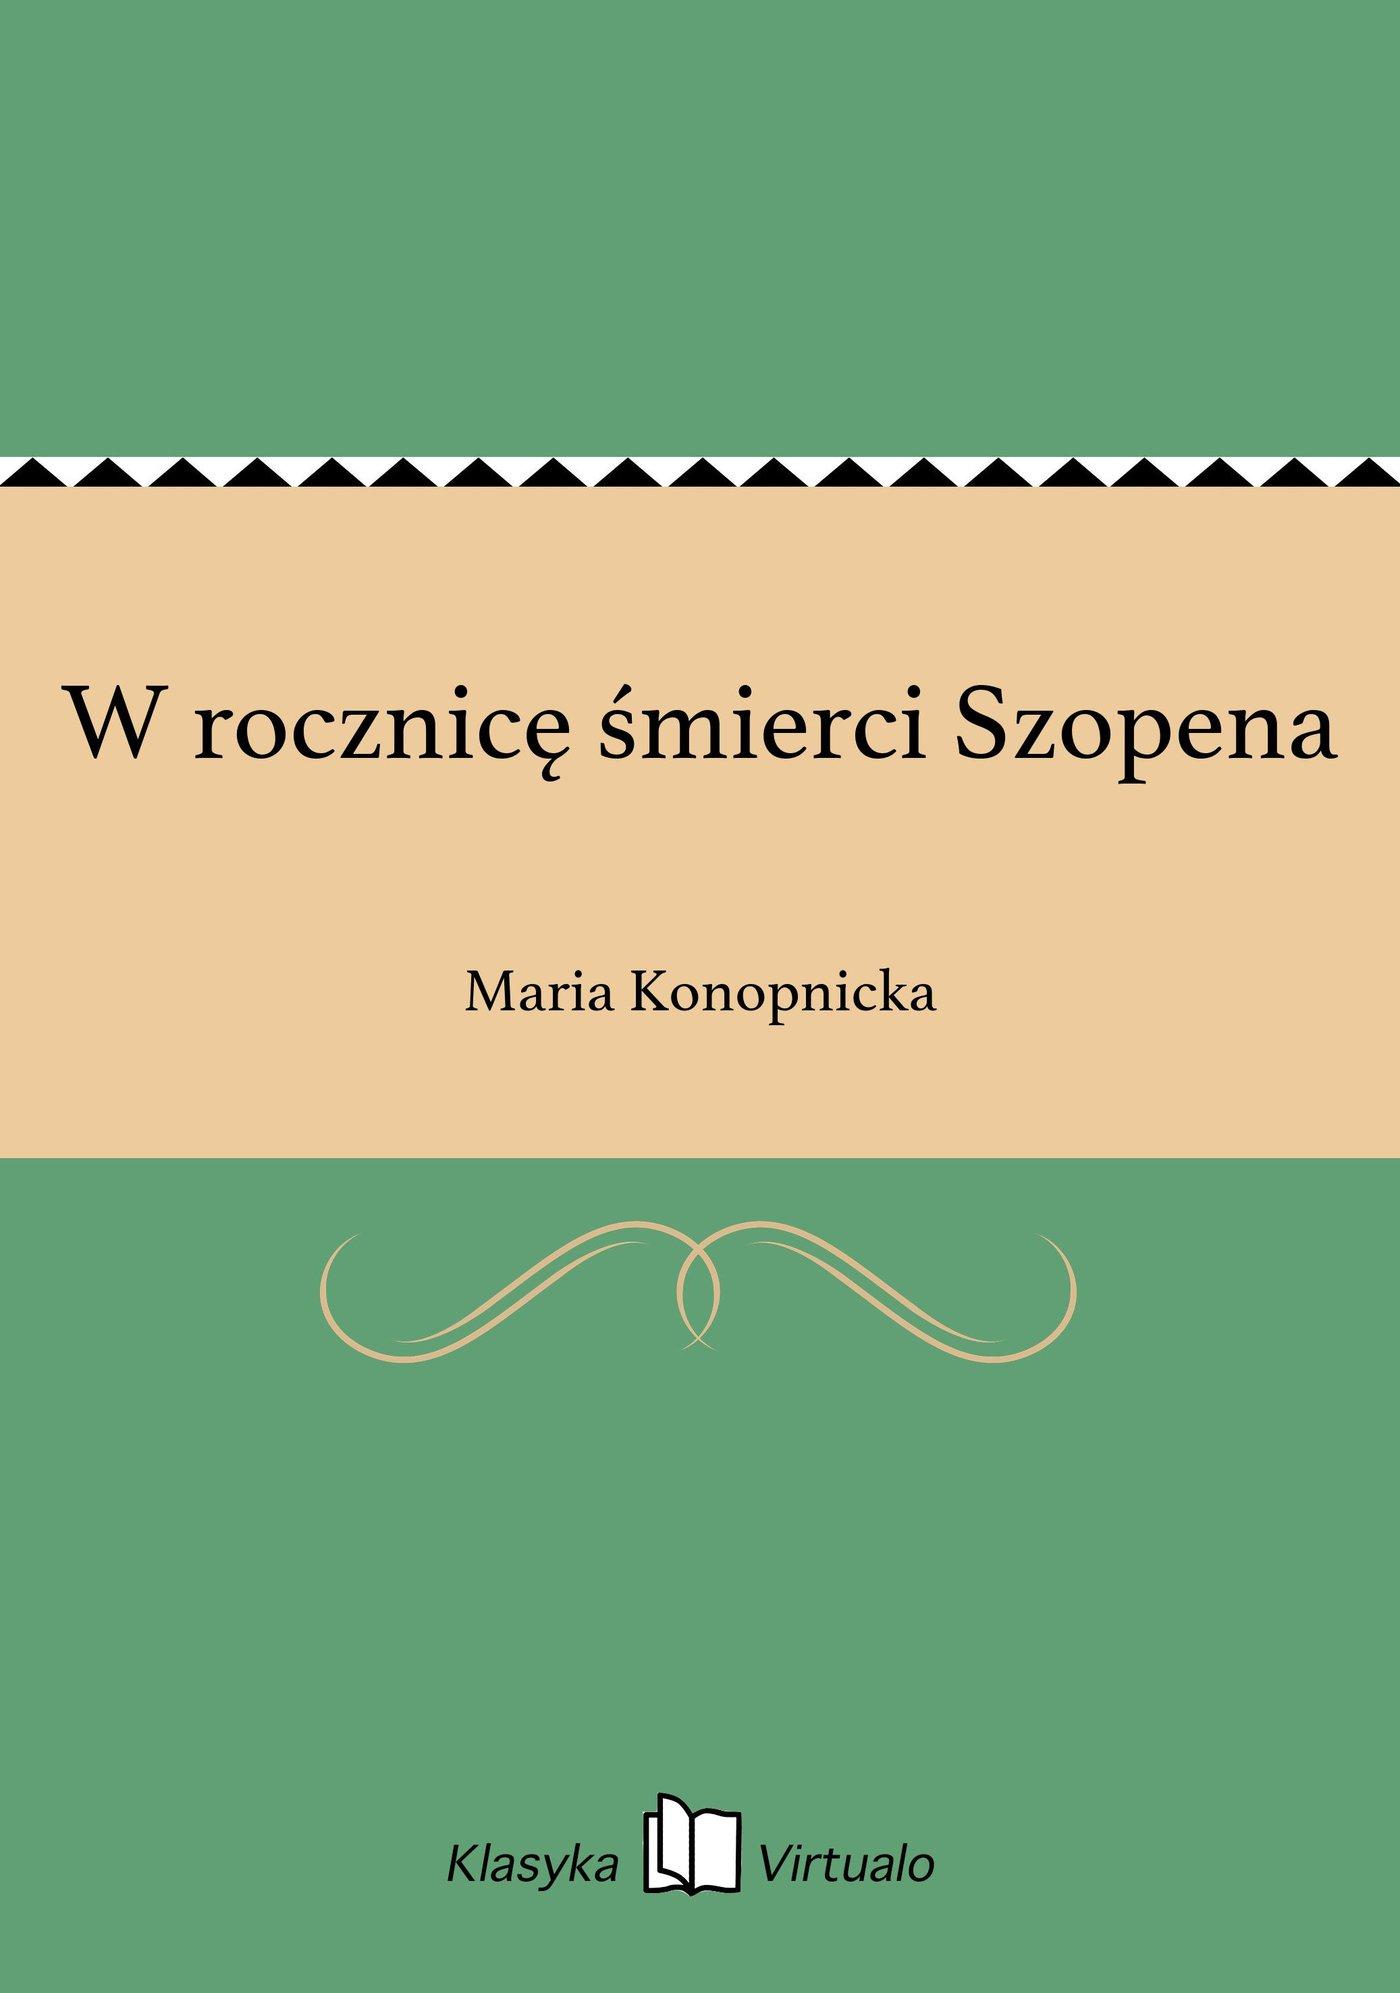 W rocznicę śmierci Szopena - Ebook (Książka EPUB) do pobrania w formacie EPUB